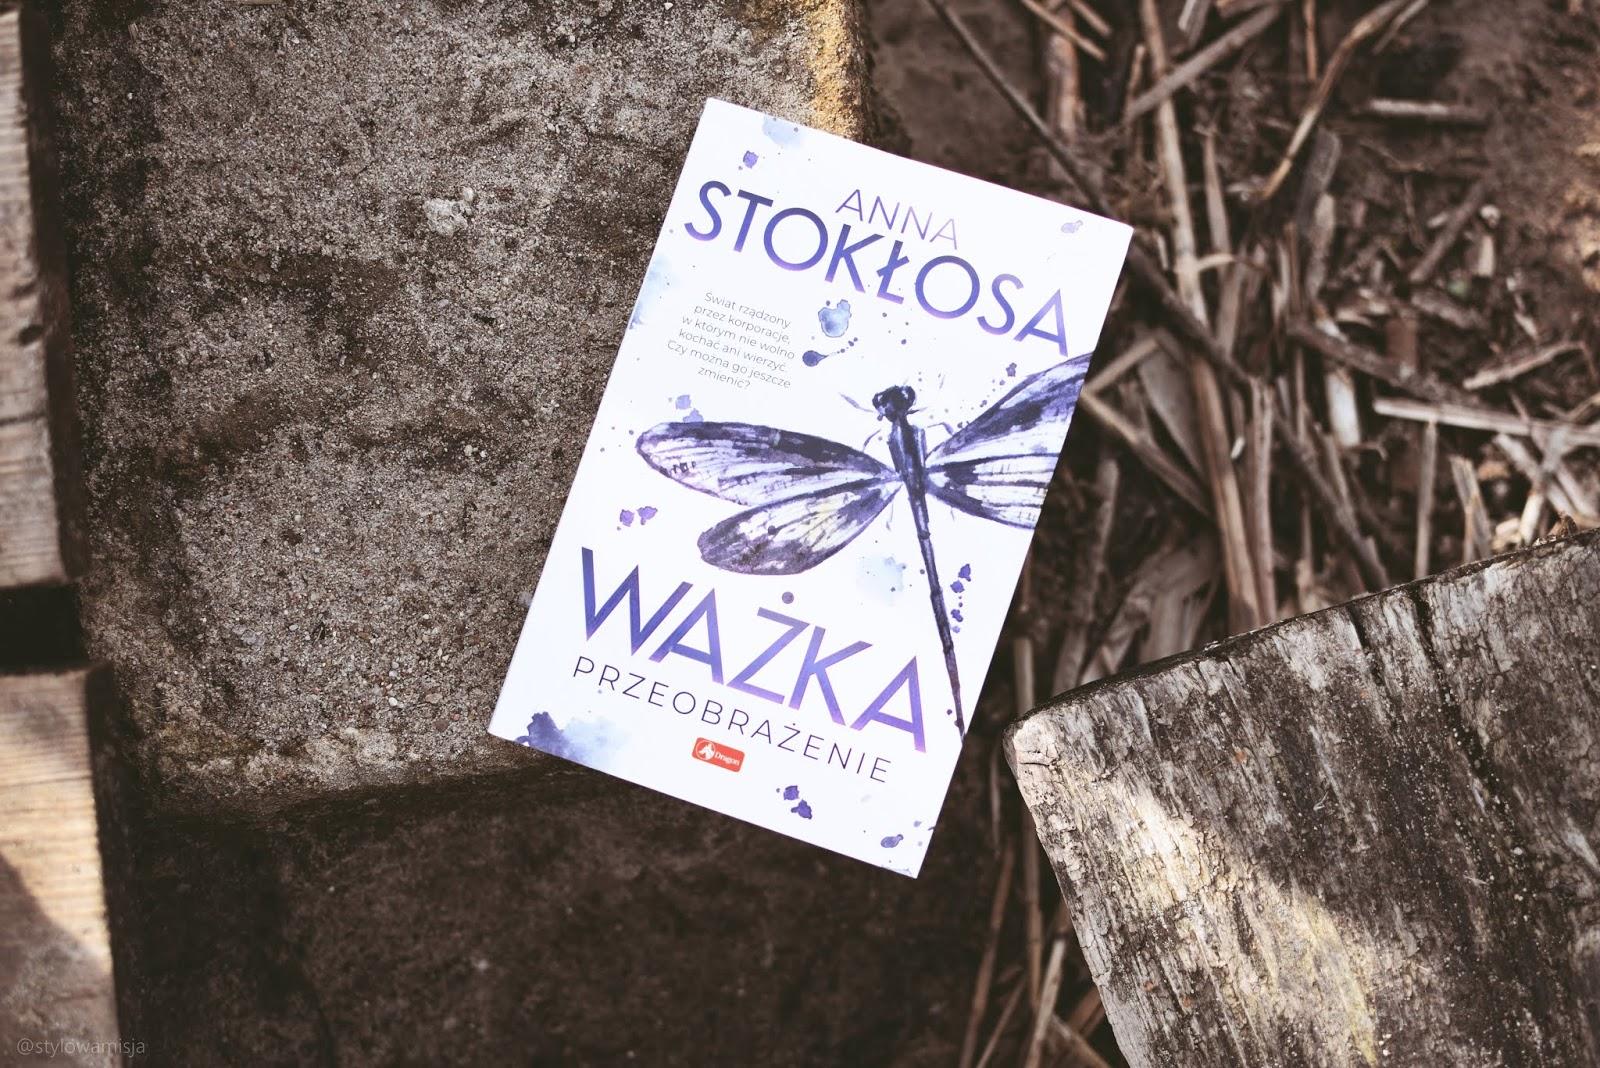 WażkaPrzeobrażenie, AnnaStokłosa, WydawnictwoDragon, powieśćobyczajowa, przyszłość, opowiadanie, recenzja, dystopijnaopowieść,